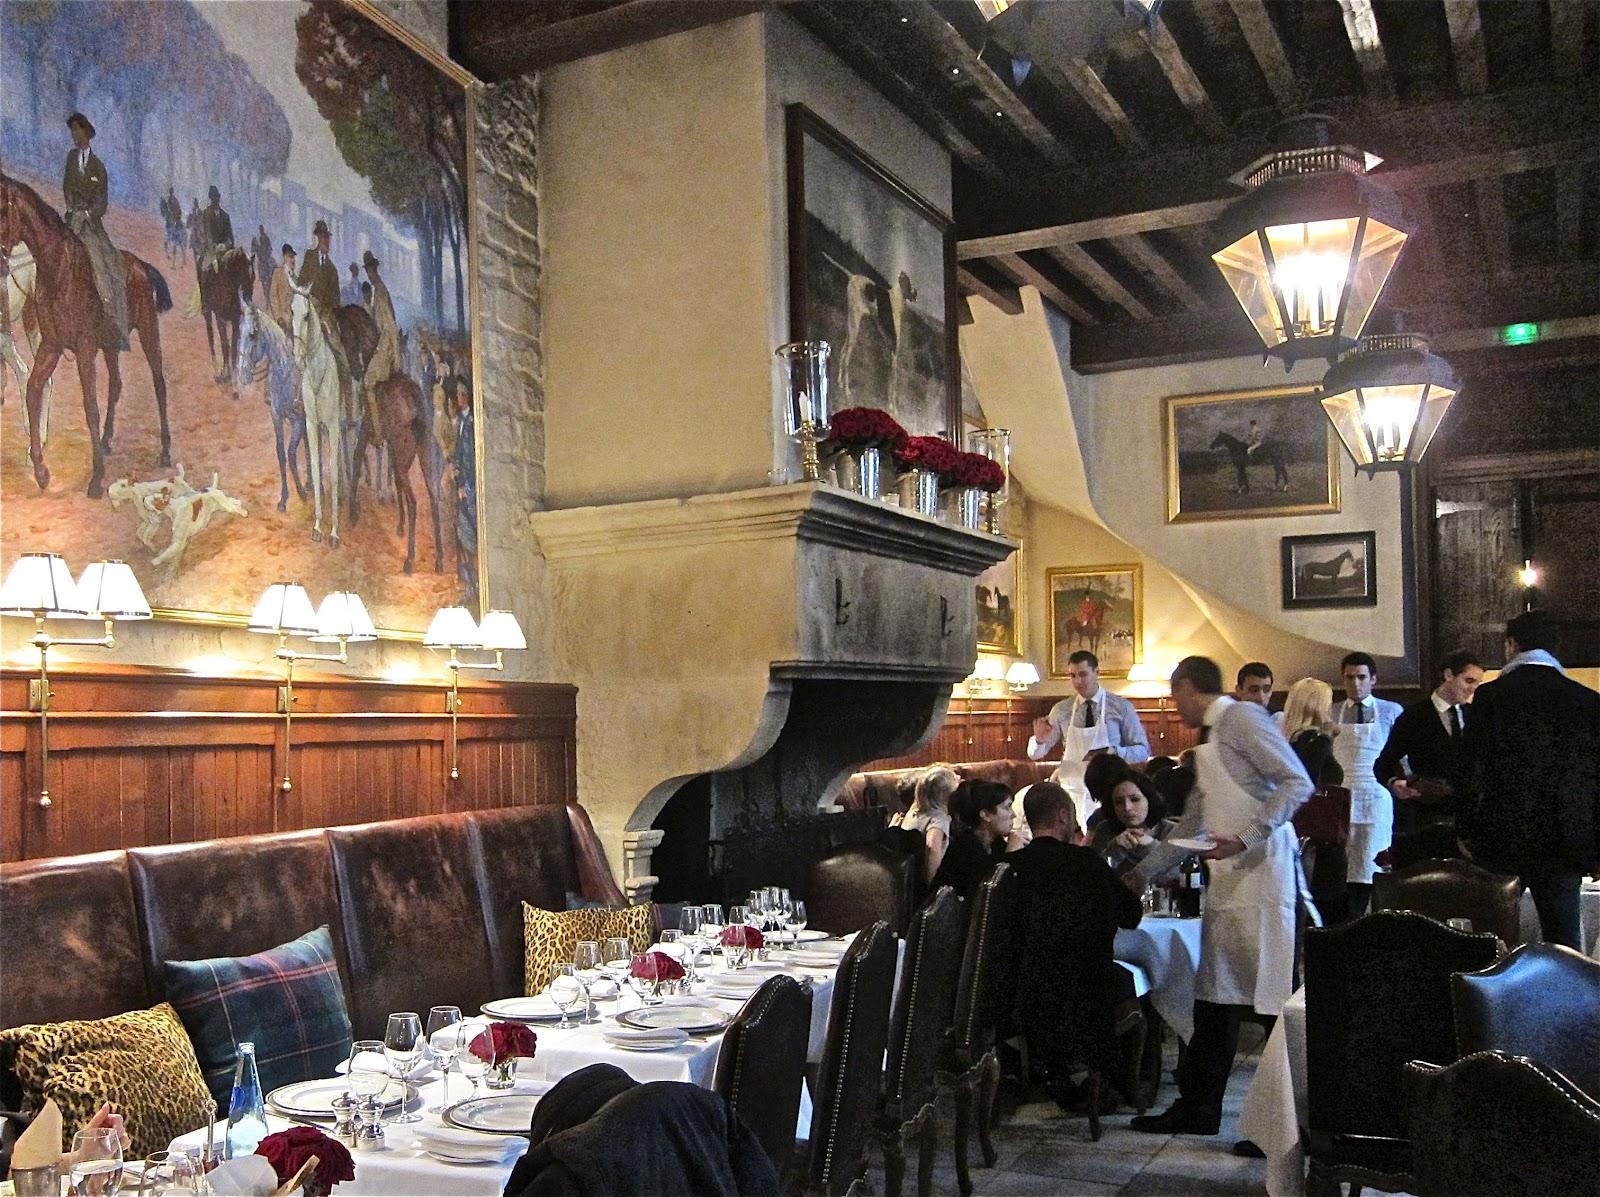 Contessanally paris maison et objet art design food restaurants fashion people - Ralph lauren restaurant paris ...